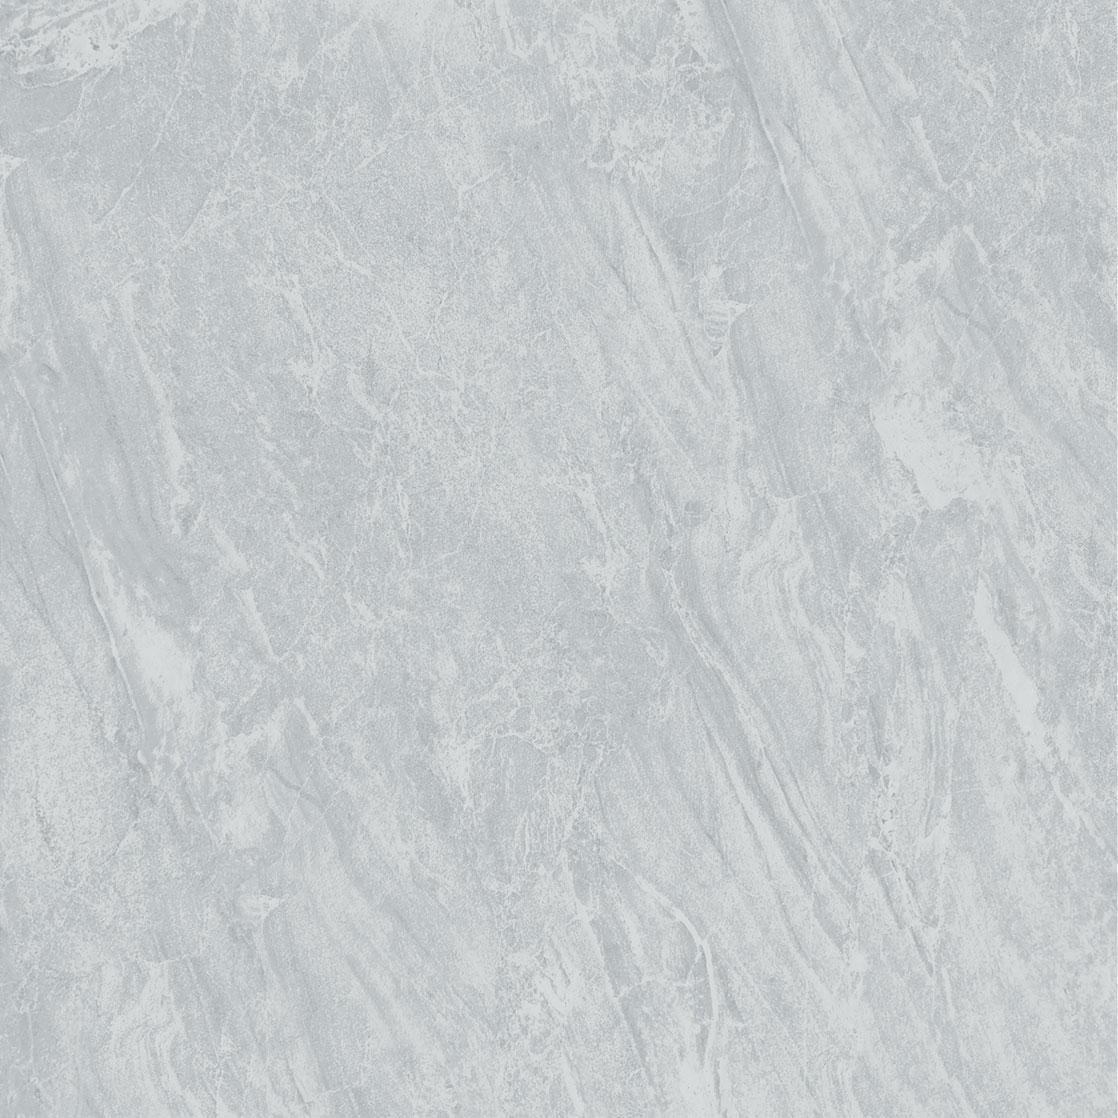 Gạch lát nền Viglacera UH6803 giá rẻ